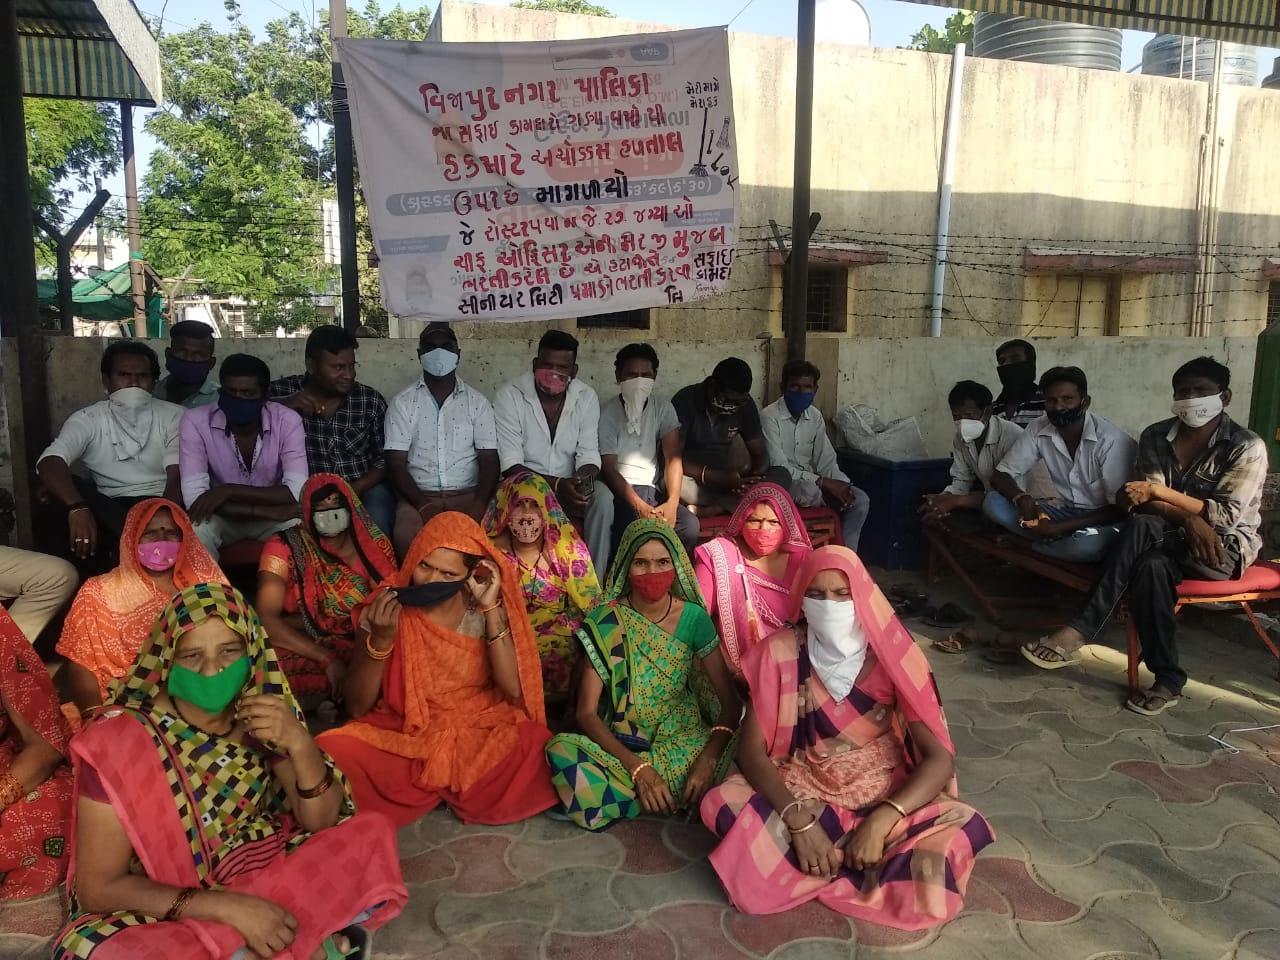 વીજાપુરના સફાઈ કામદારો અને વોટર વર્કસના કર્મચારીઓની પડતર માગણી પૂરી ના થતા હડતાળ પર ઉતર્યા મહેસાણા,Mehsana - Divya Bhaskar